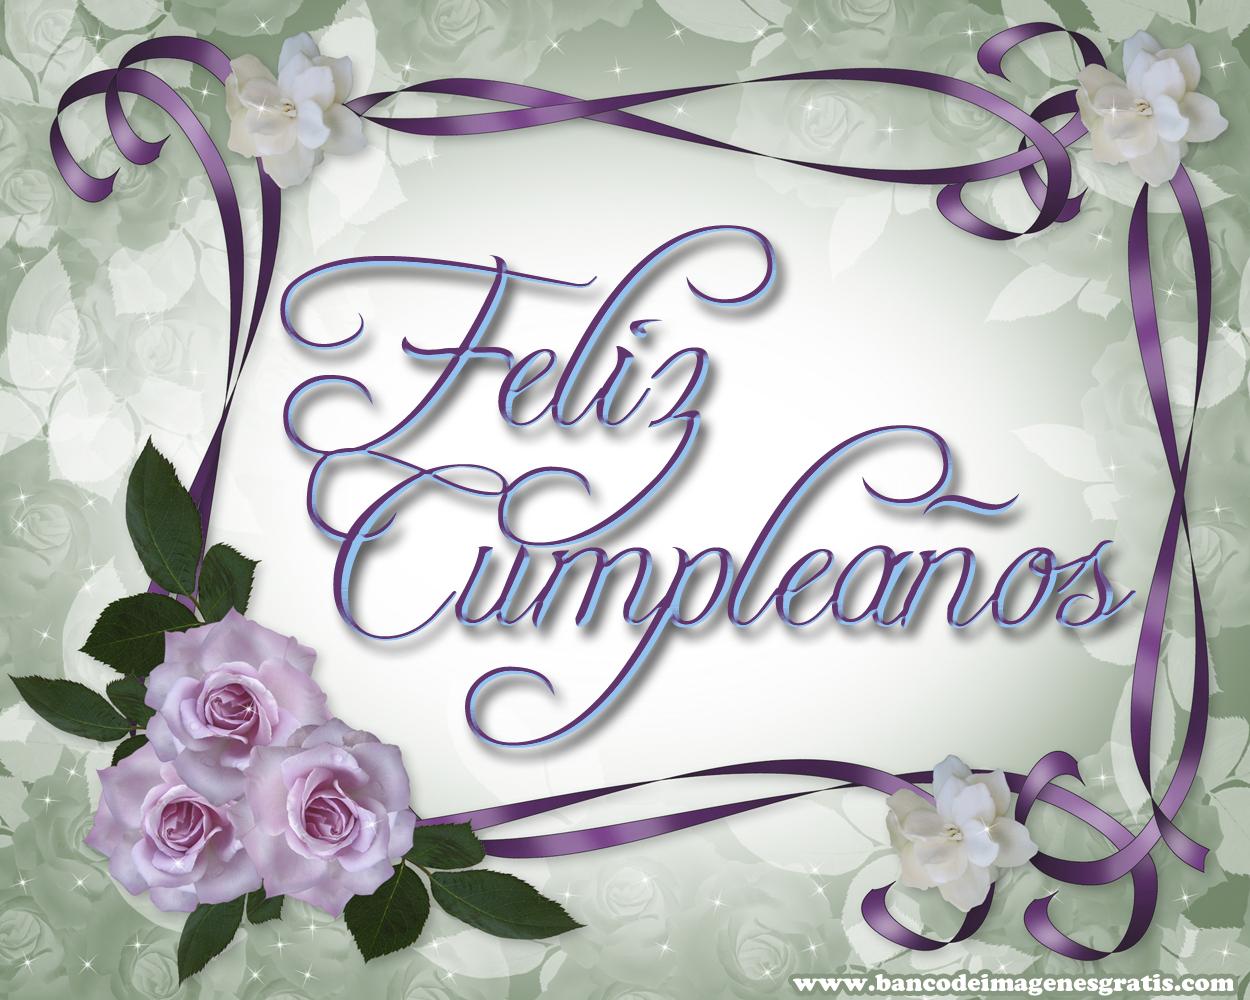 Tarjetas De Cumpleaños Nuevas Para Enviar Por Correo 4 HD Wallpapers Manualidades Happy